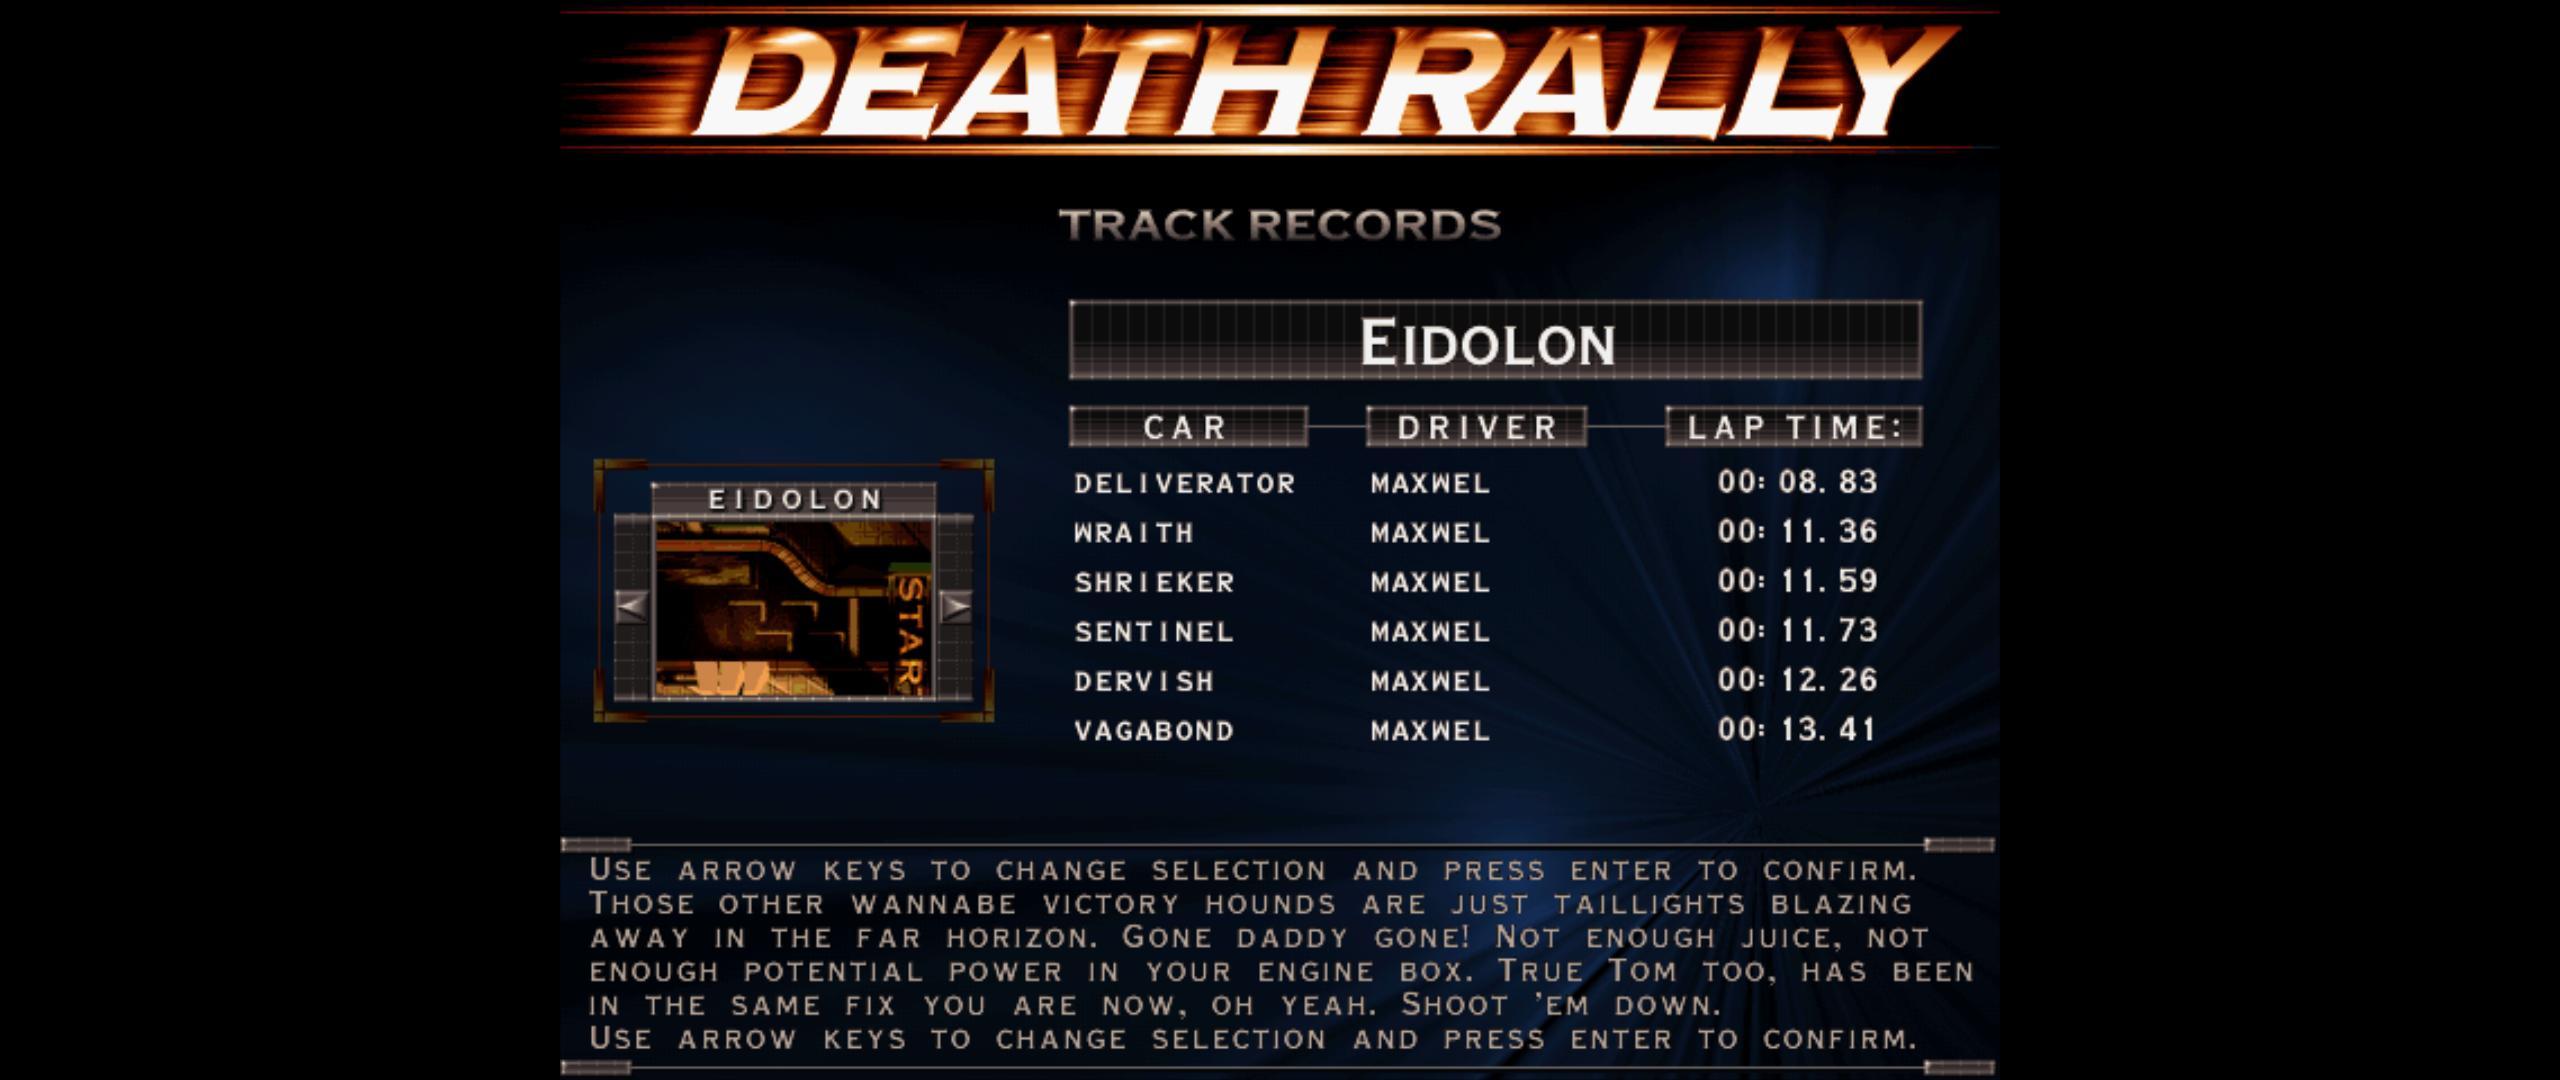 Maxwel: Death Rally [Eidolon, Vagabond Car] (PC) 0:00:13.41 points on 2016-03-04 08:06:56